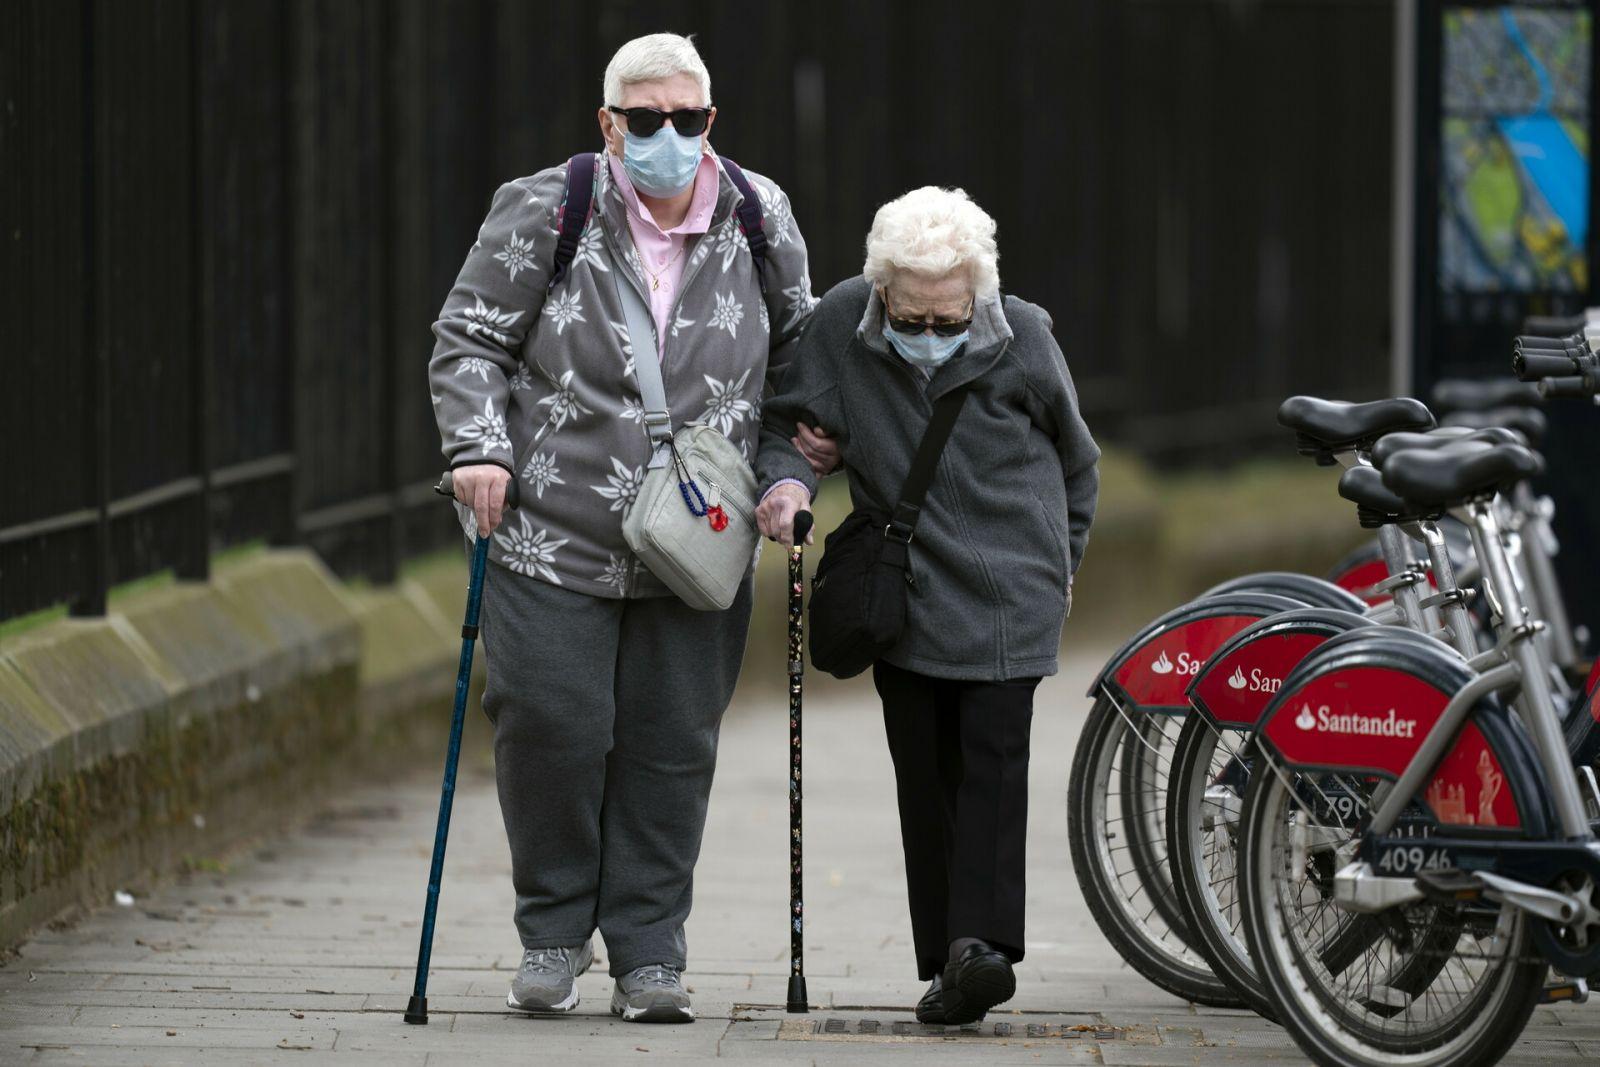 Védőmaszkot viselő pár Nagy Britanniában   Fotó: Agerpres